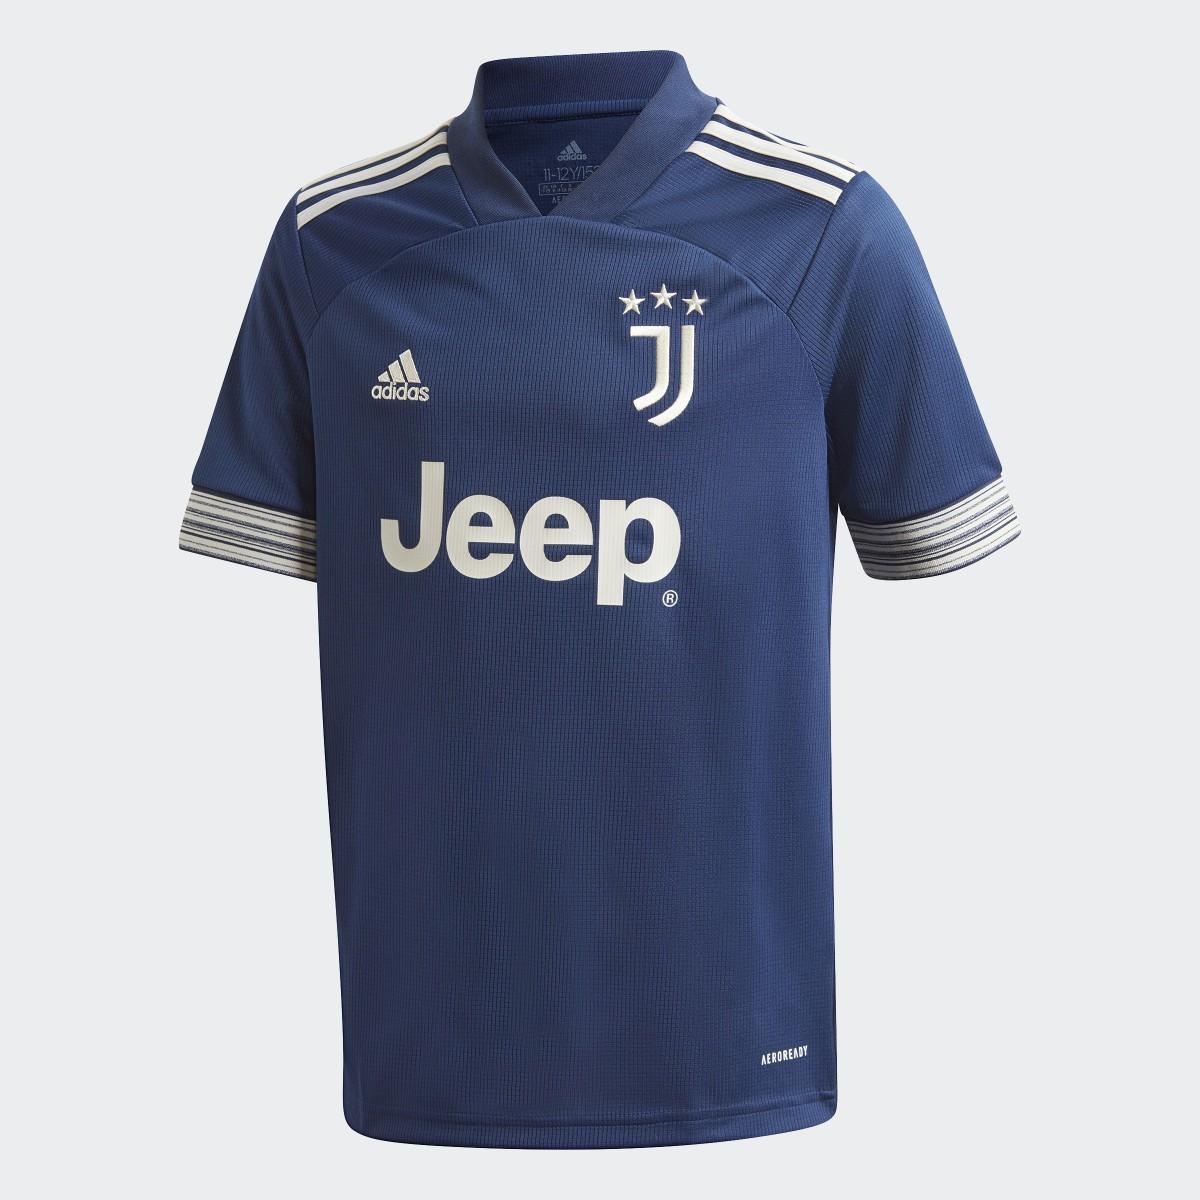 Juventus 20/21 Away Jersey